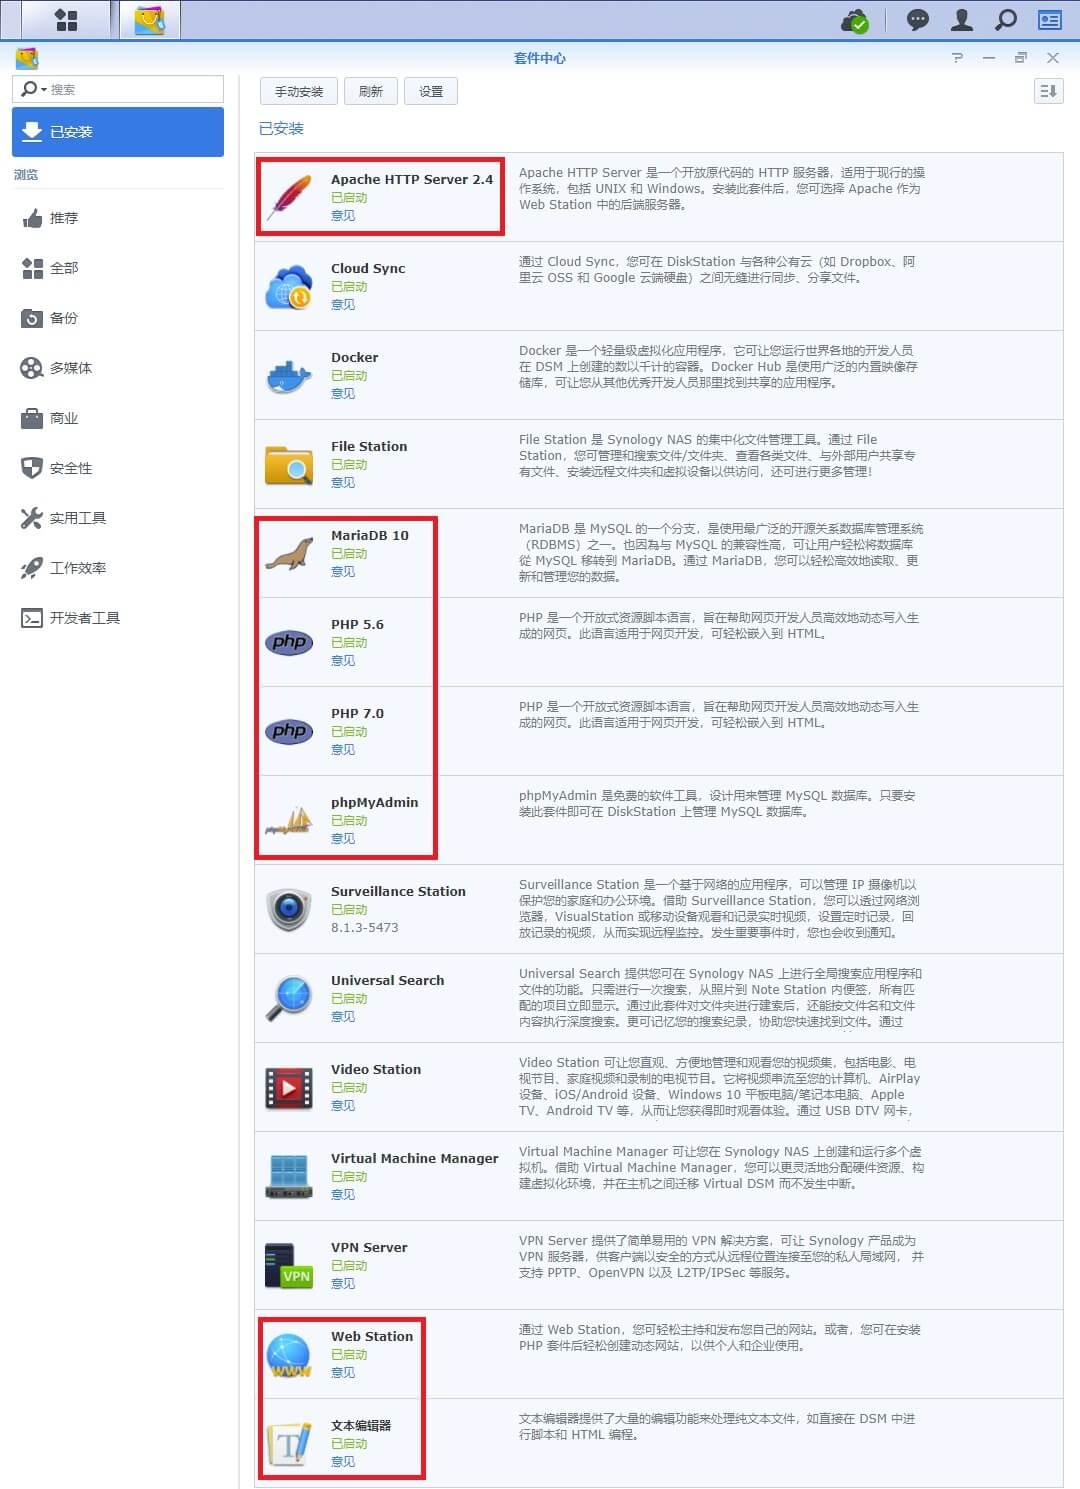 玩转群晖虚拟机:非插件安装Wordpress